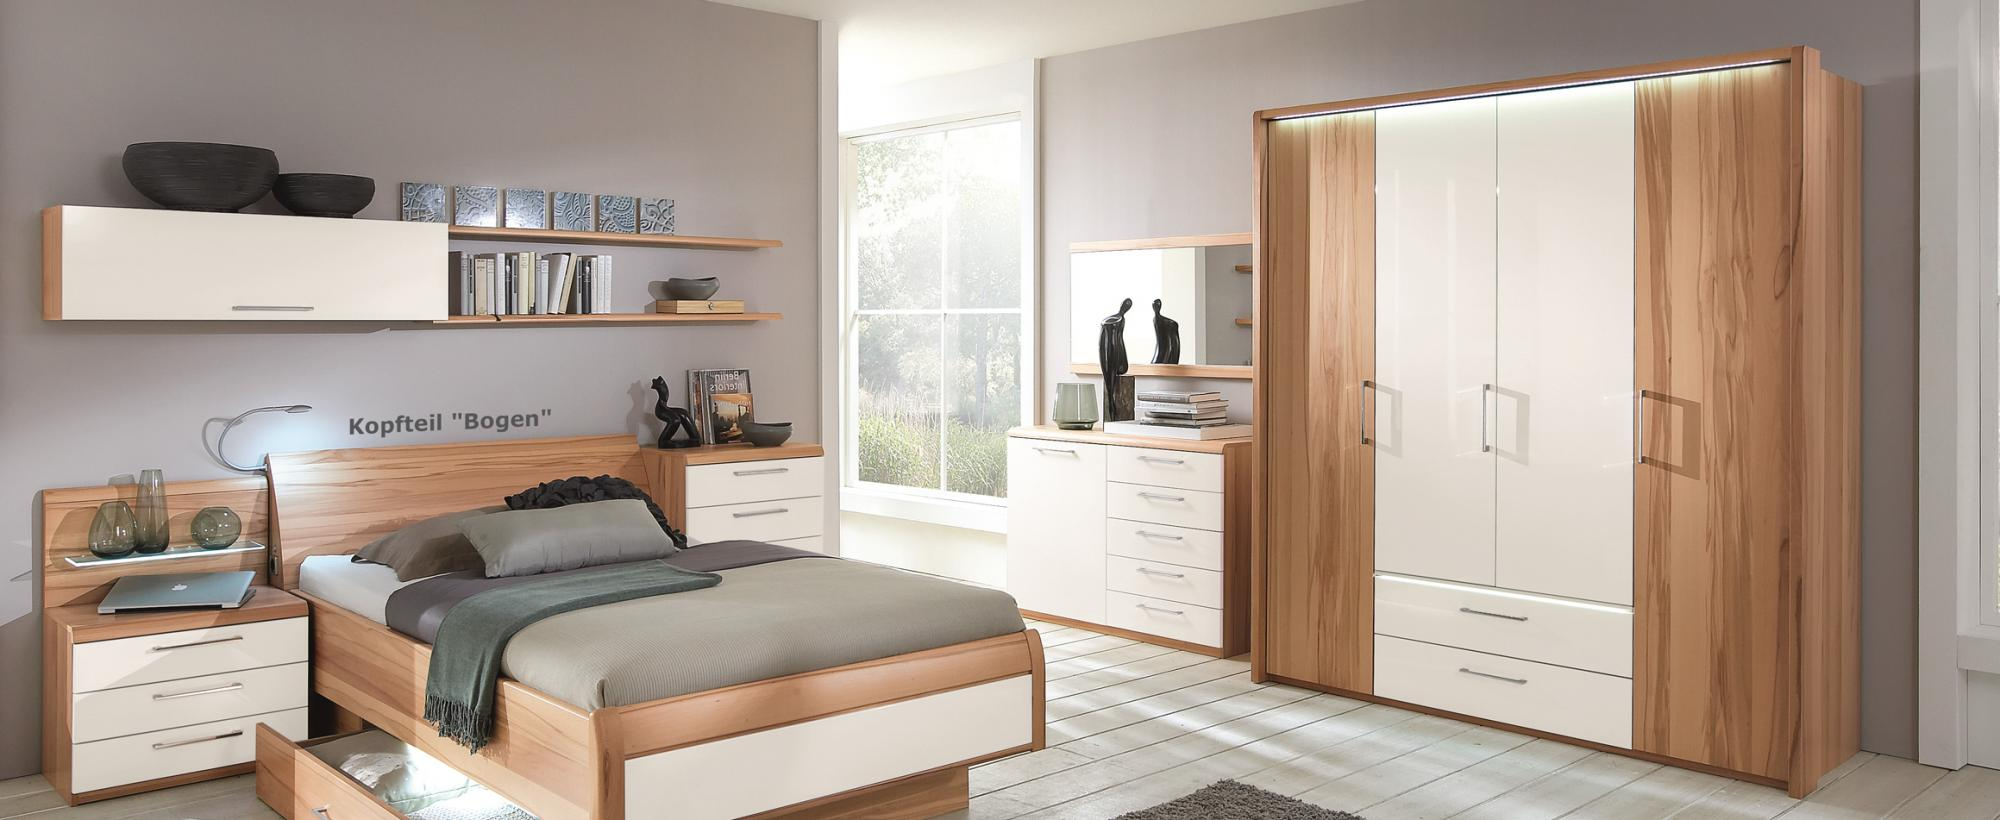 Schön Kleiderschrank Mit Innenausstattung Beste Wahl Passend Zu Bett Und Schlafzimmereinrichtung